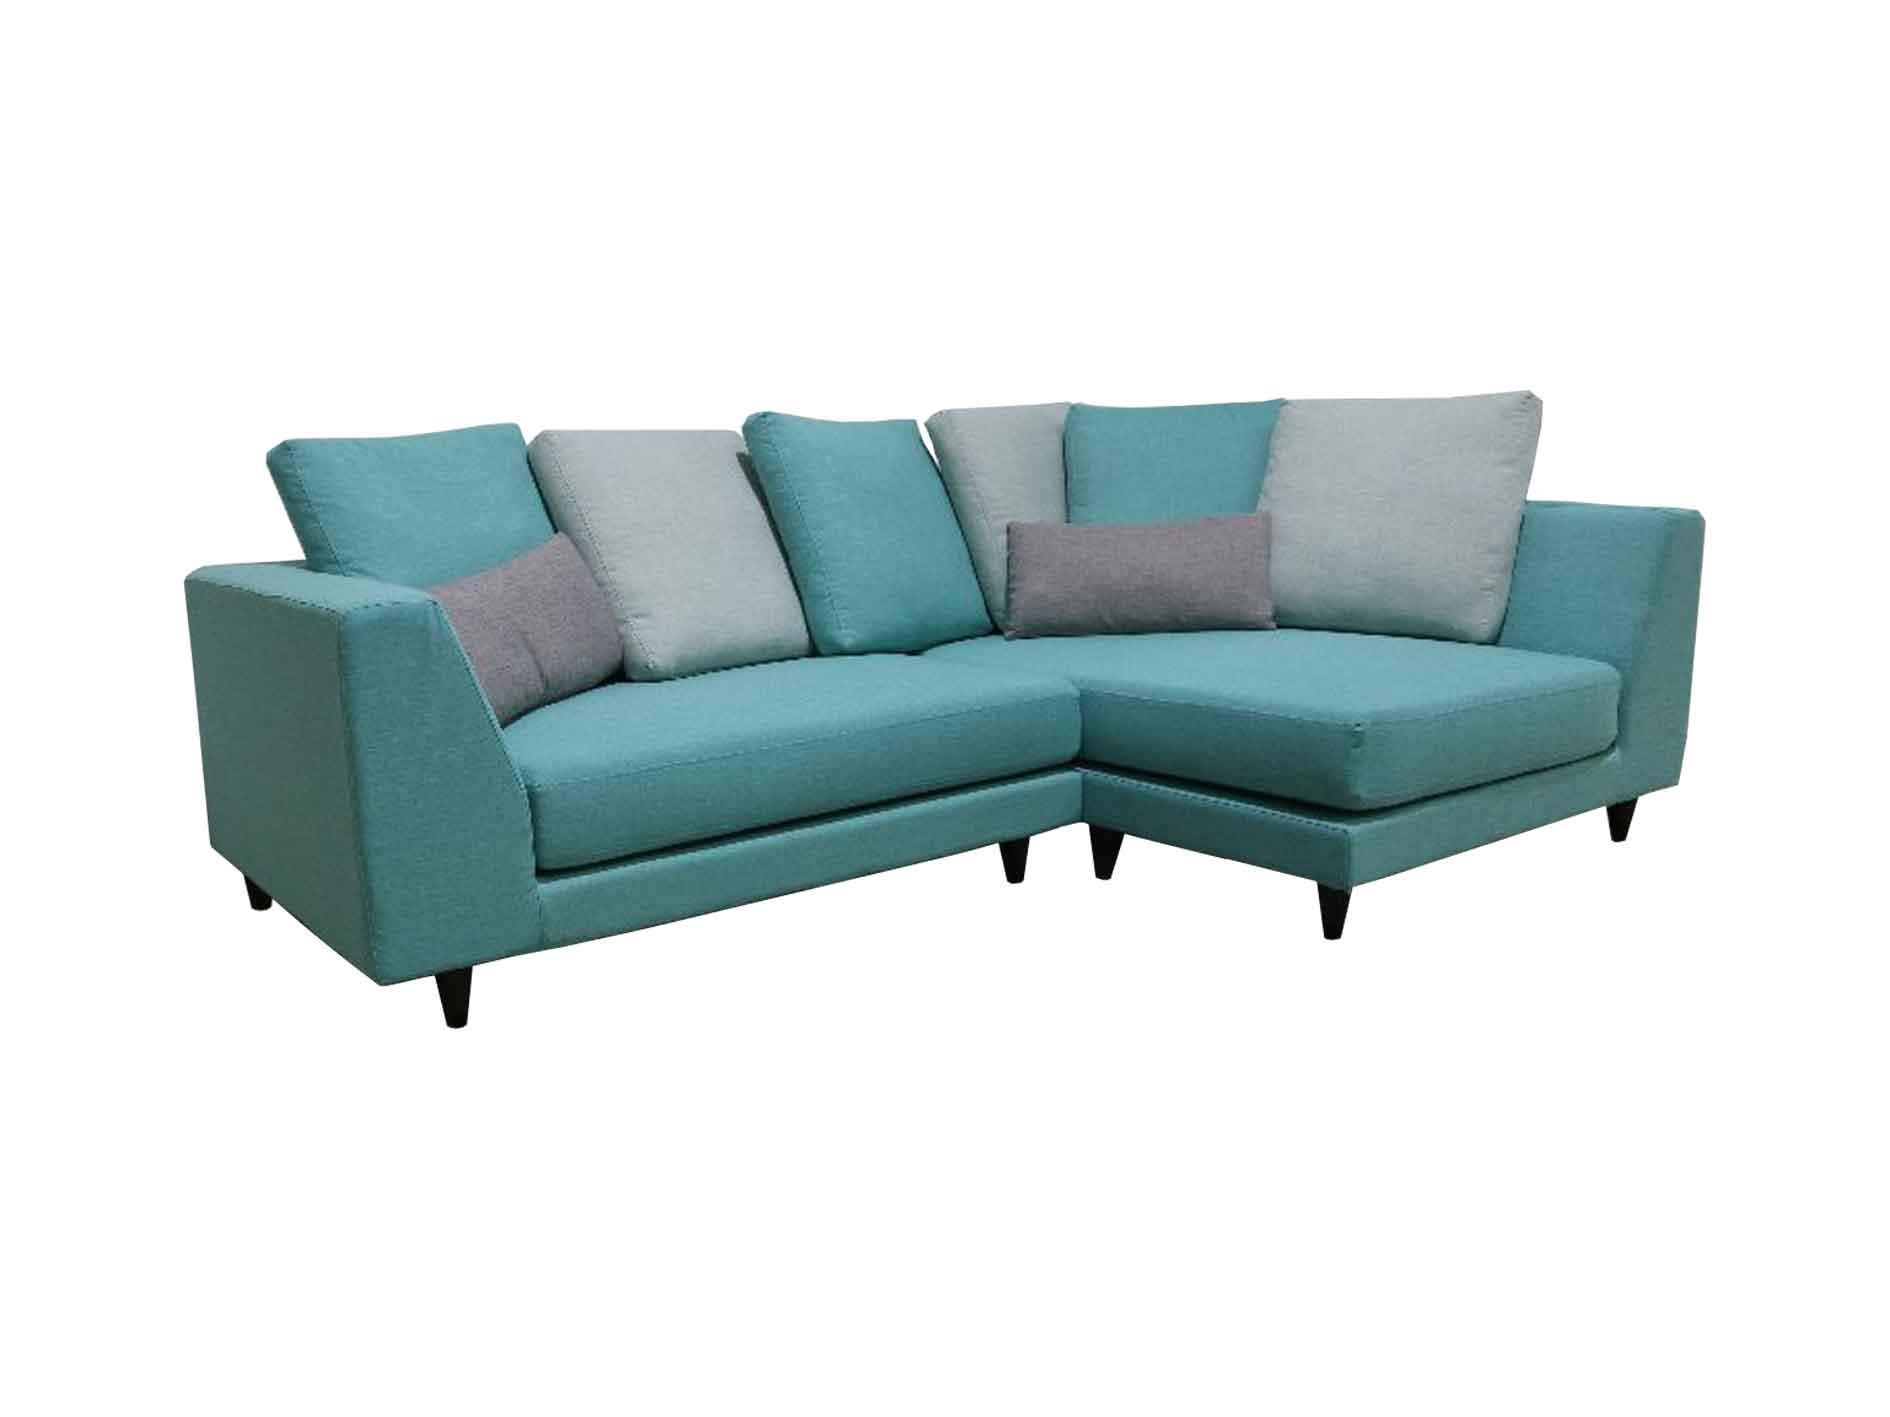 Valerio Designer Italian Fabric Sofa Fiera 4 Seater L